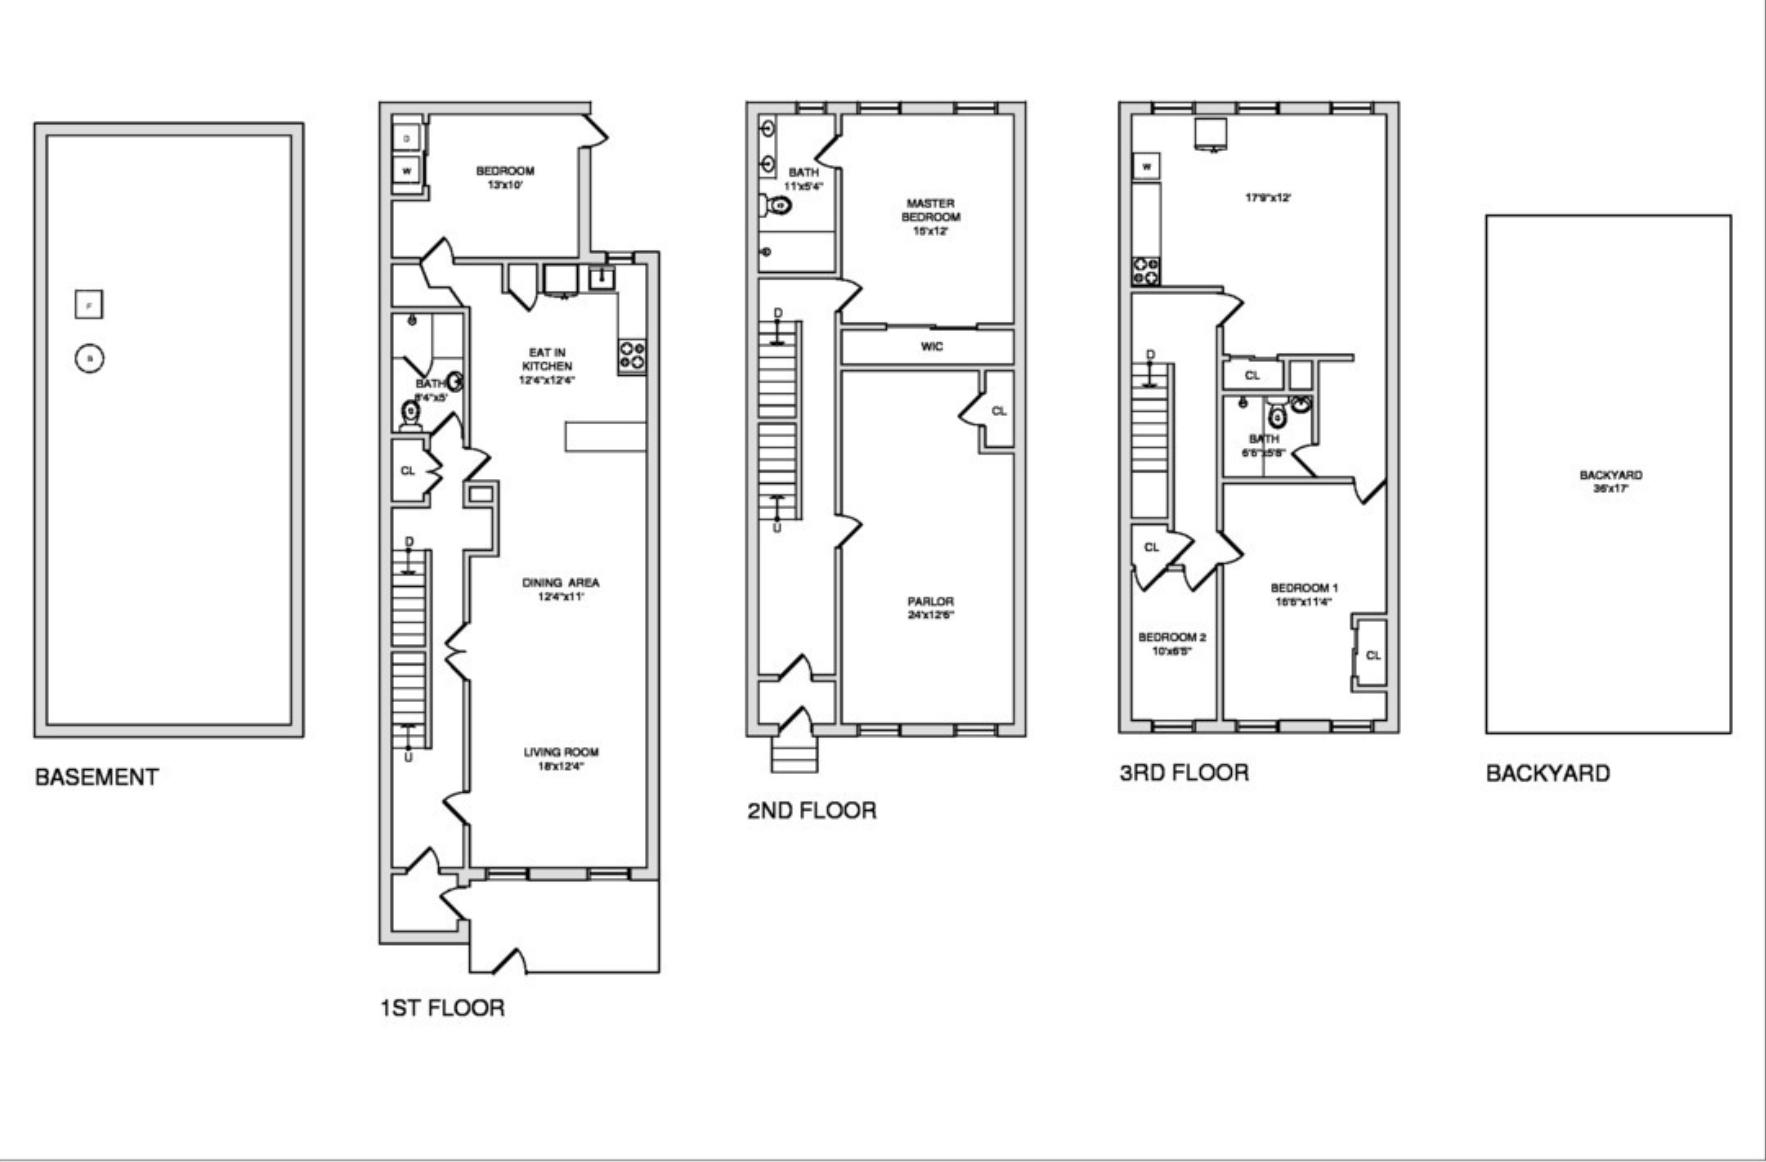 697 Hancock Street Floor Plan.png